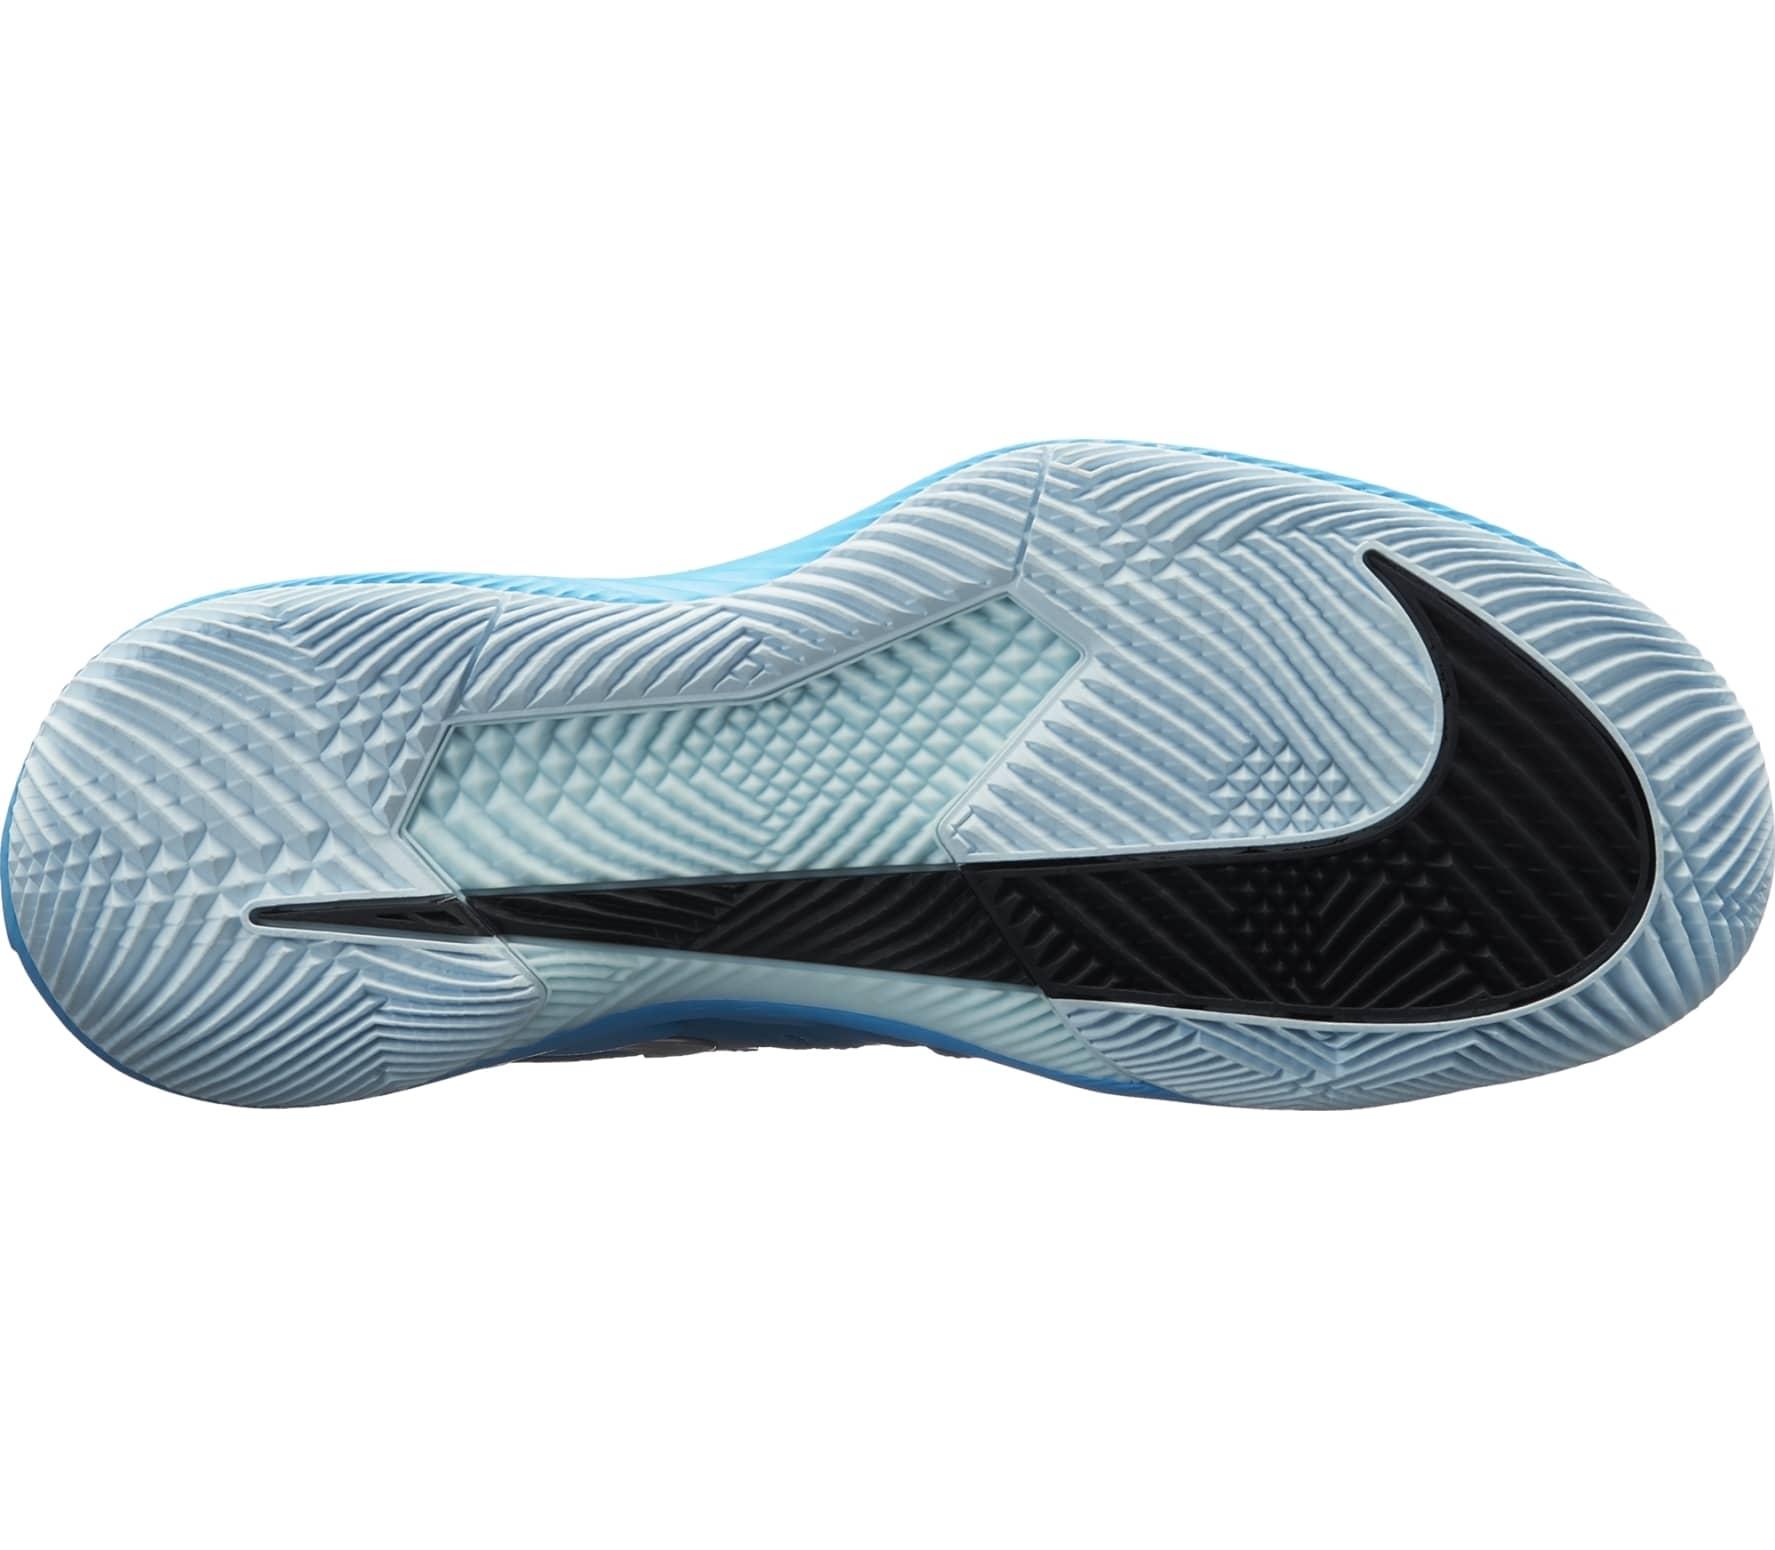 d3c731e2bda Nike - Air Zoom Vapor X Dames Tennis schoen (zwart/blauw) online ...